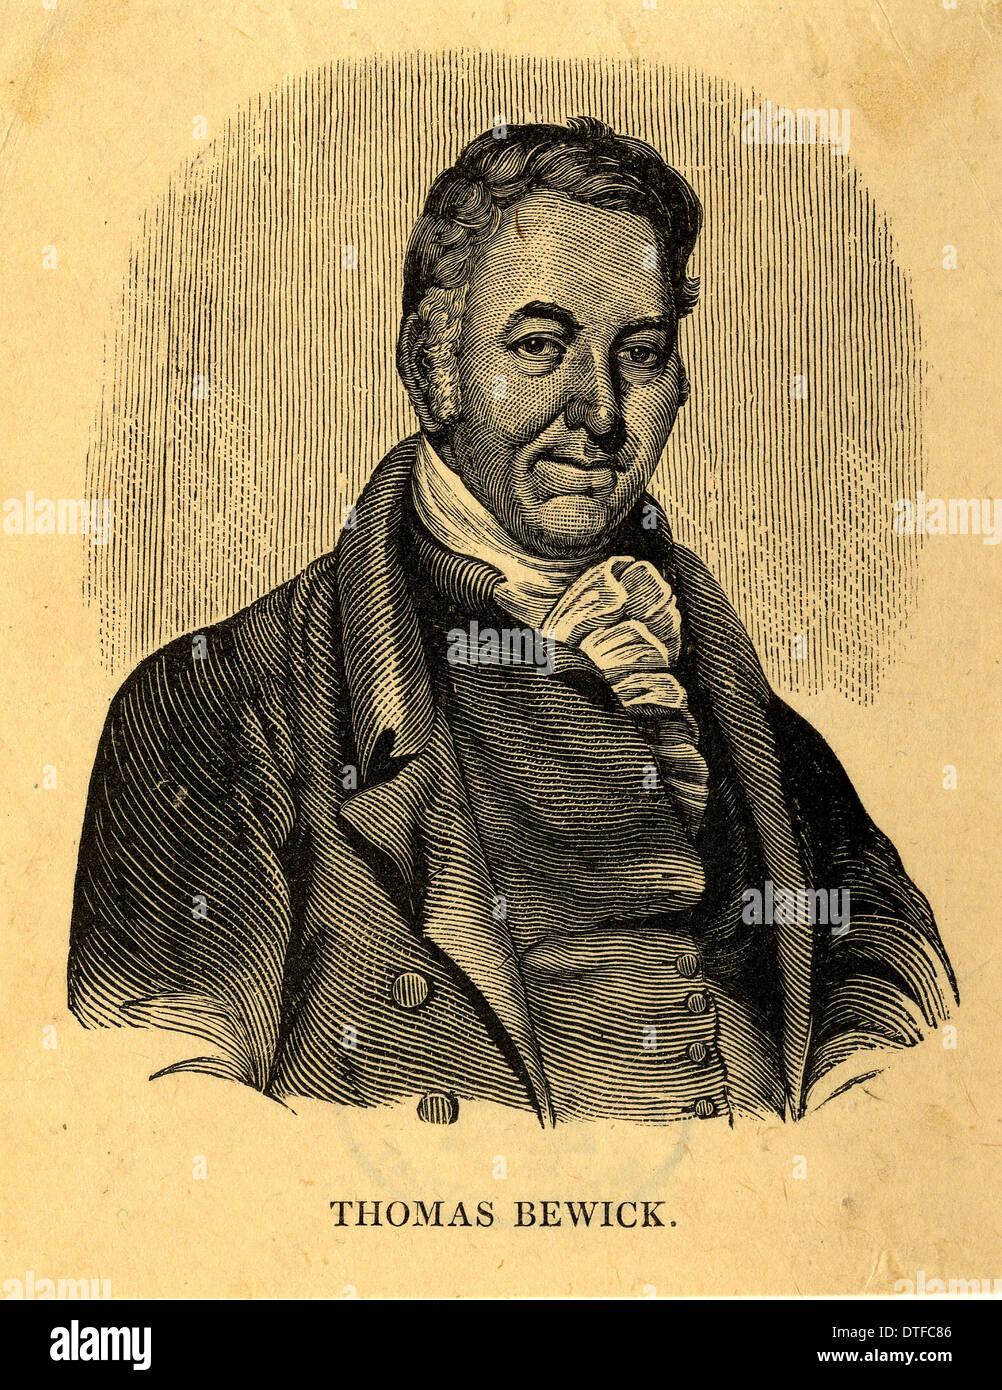 Thomas Bewick (1753-1828) Stock Photo